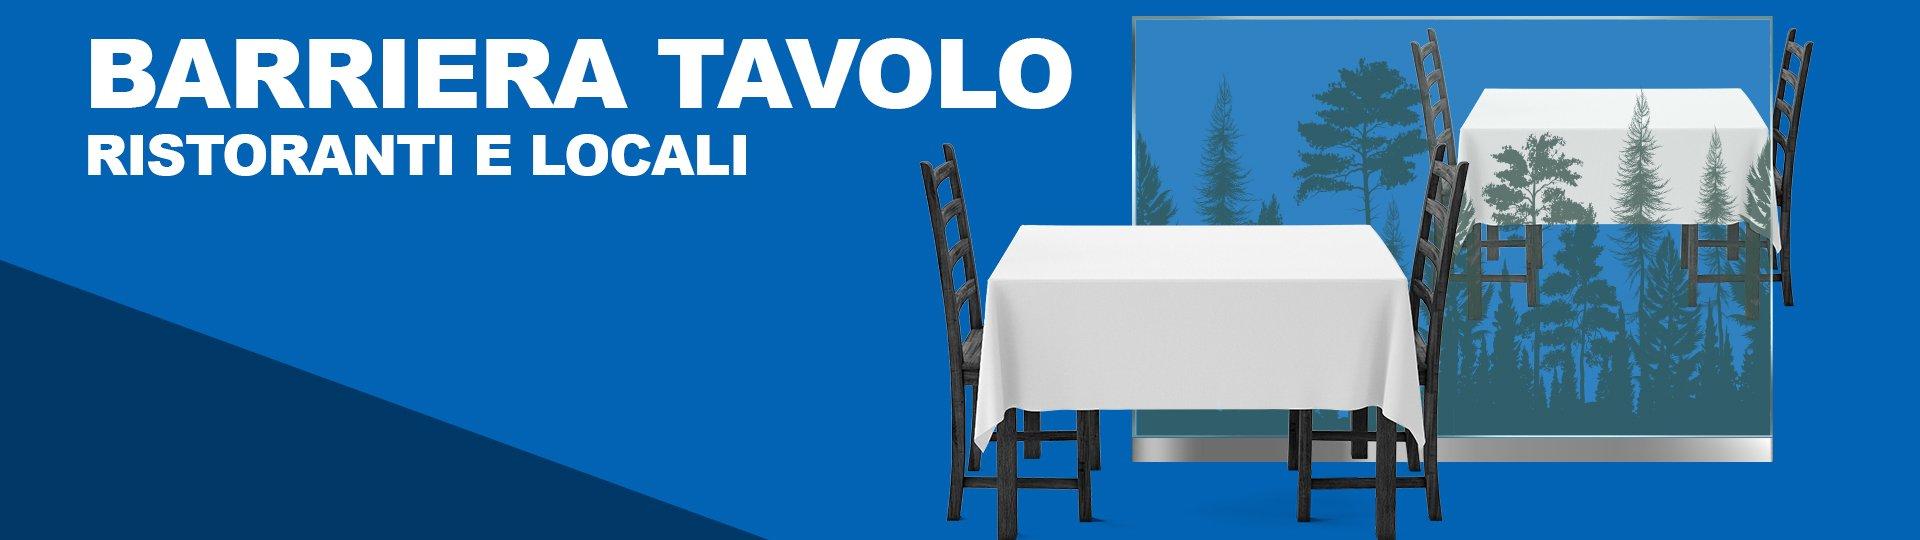 Barriera in plexiglass per tavoli di ristoranti o locali anti droplet